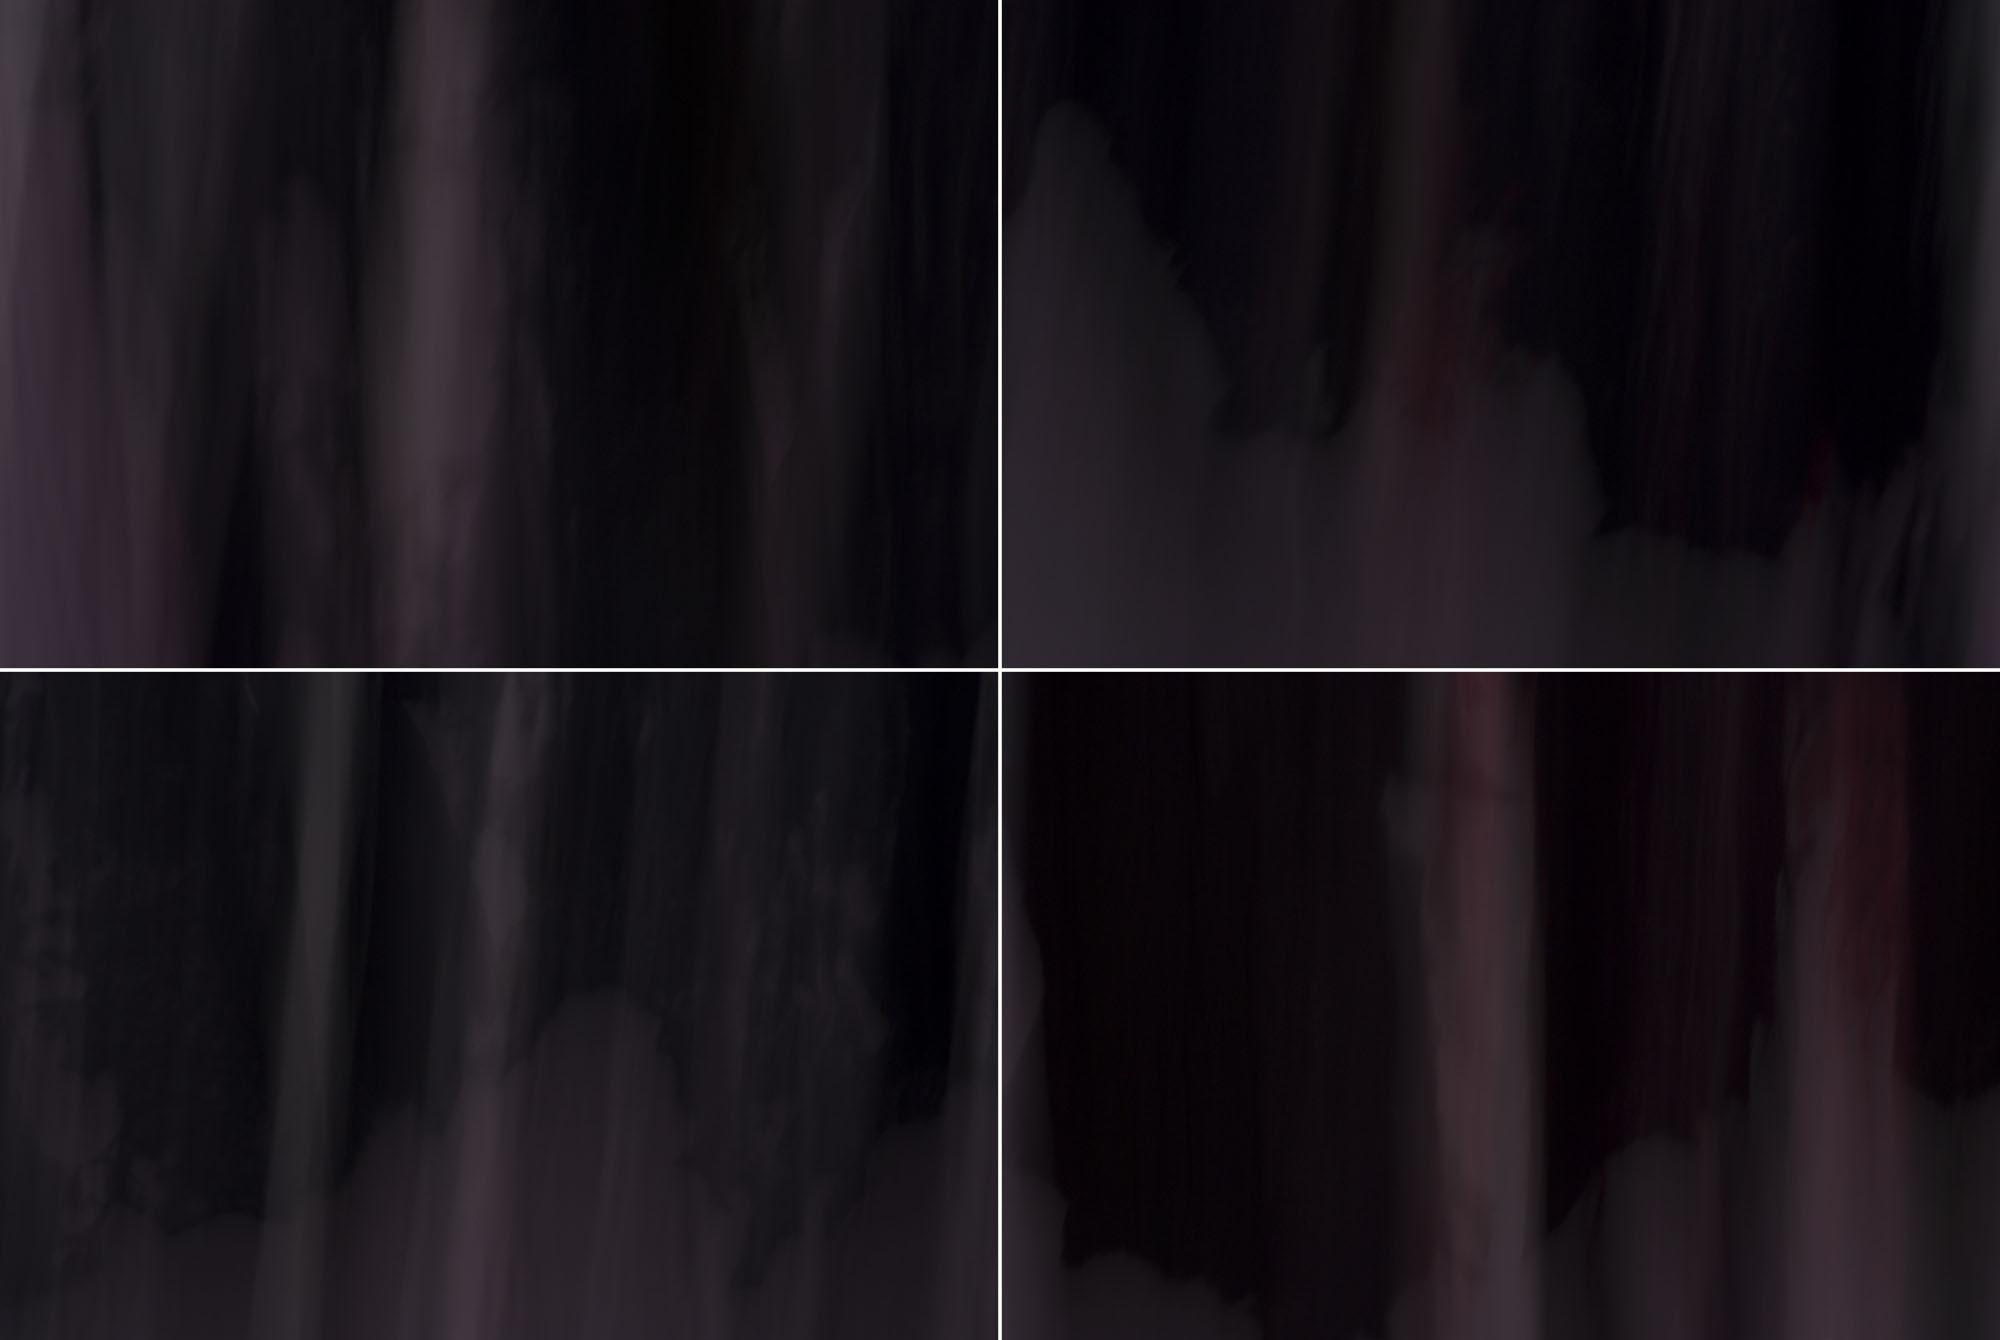 Foto van vage paarse vormen in 4 hokjes